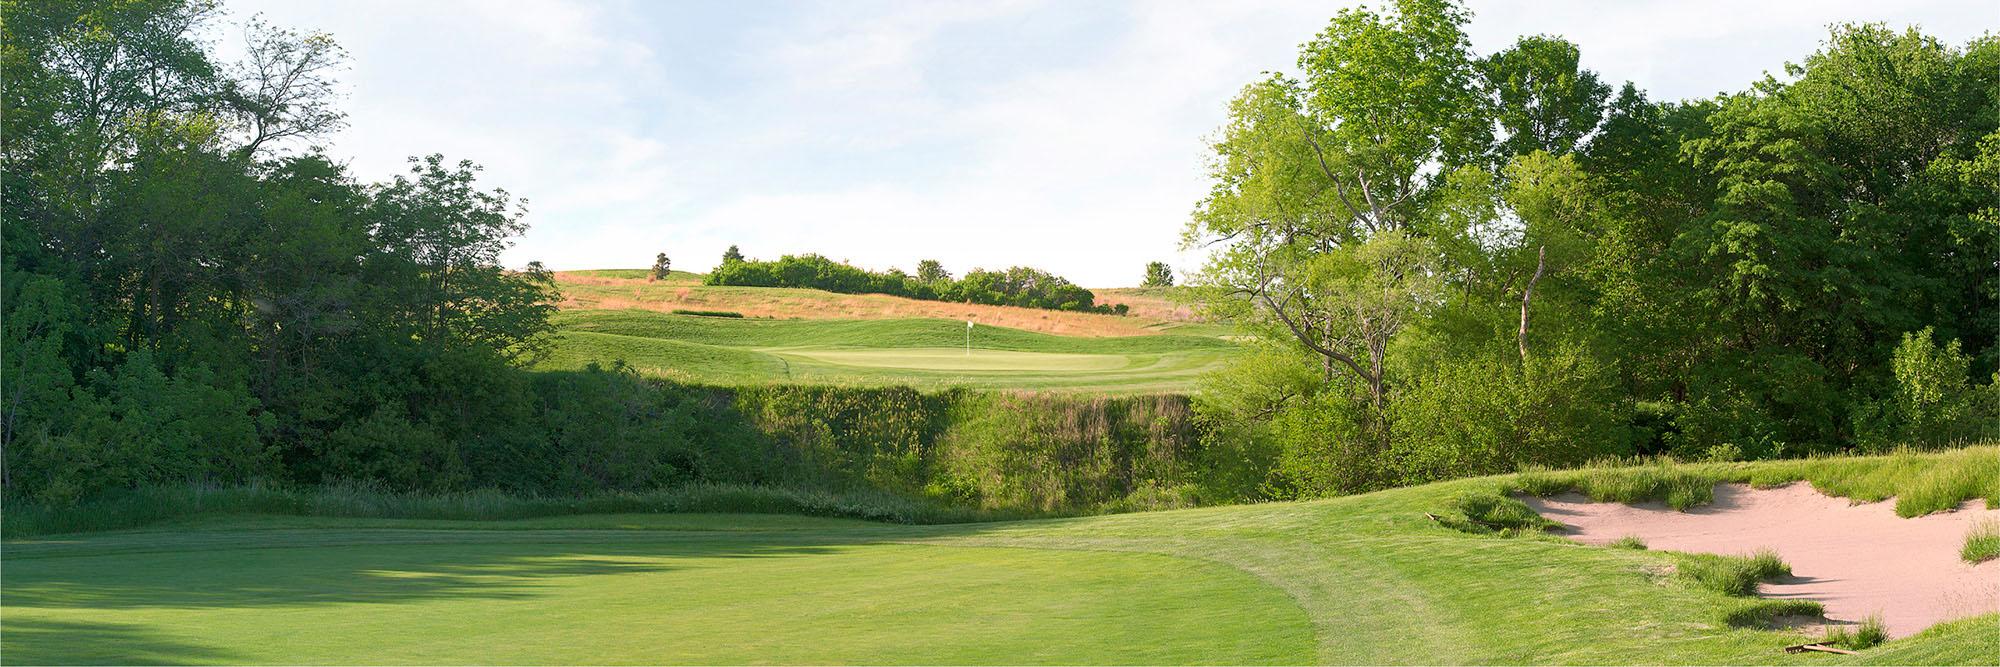 Golf Course Image - Arbor Links No. 2